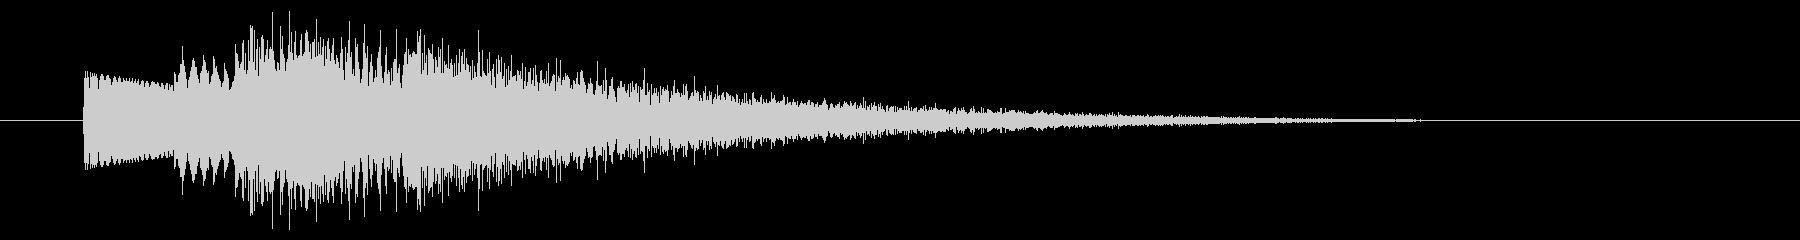 キラキラ/魔法/詠唱/回復の未再生の波形